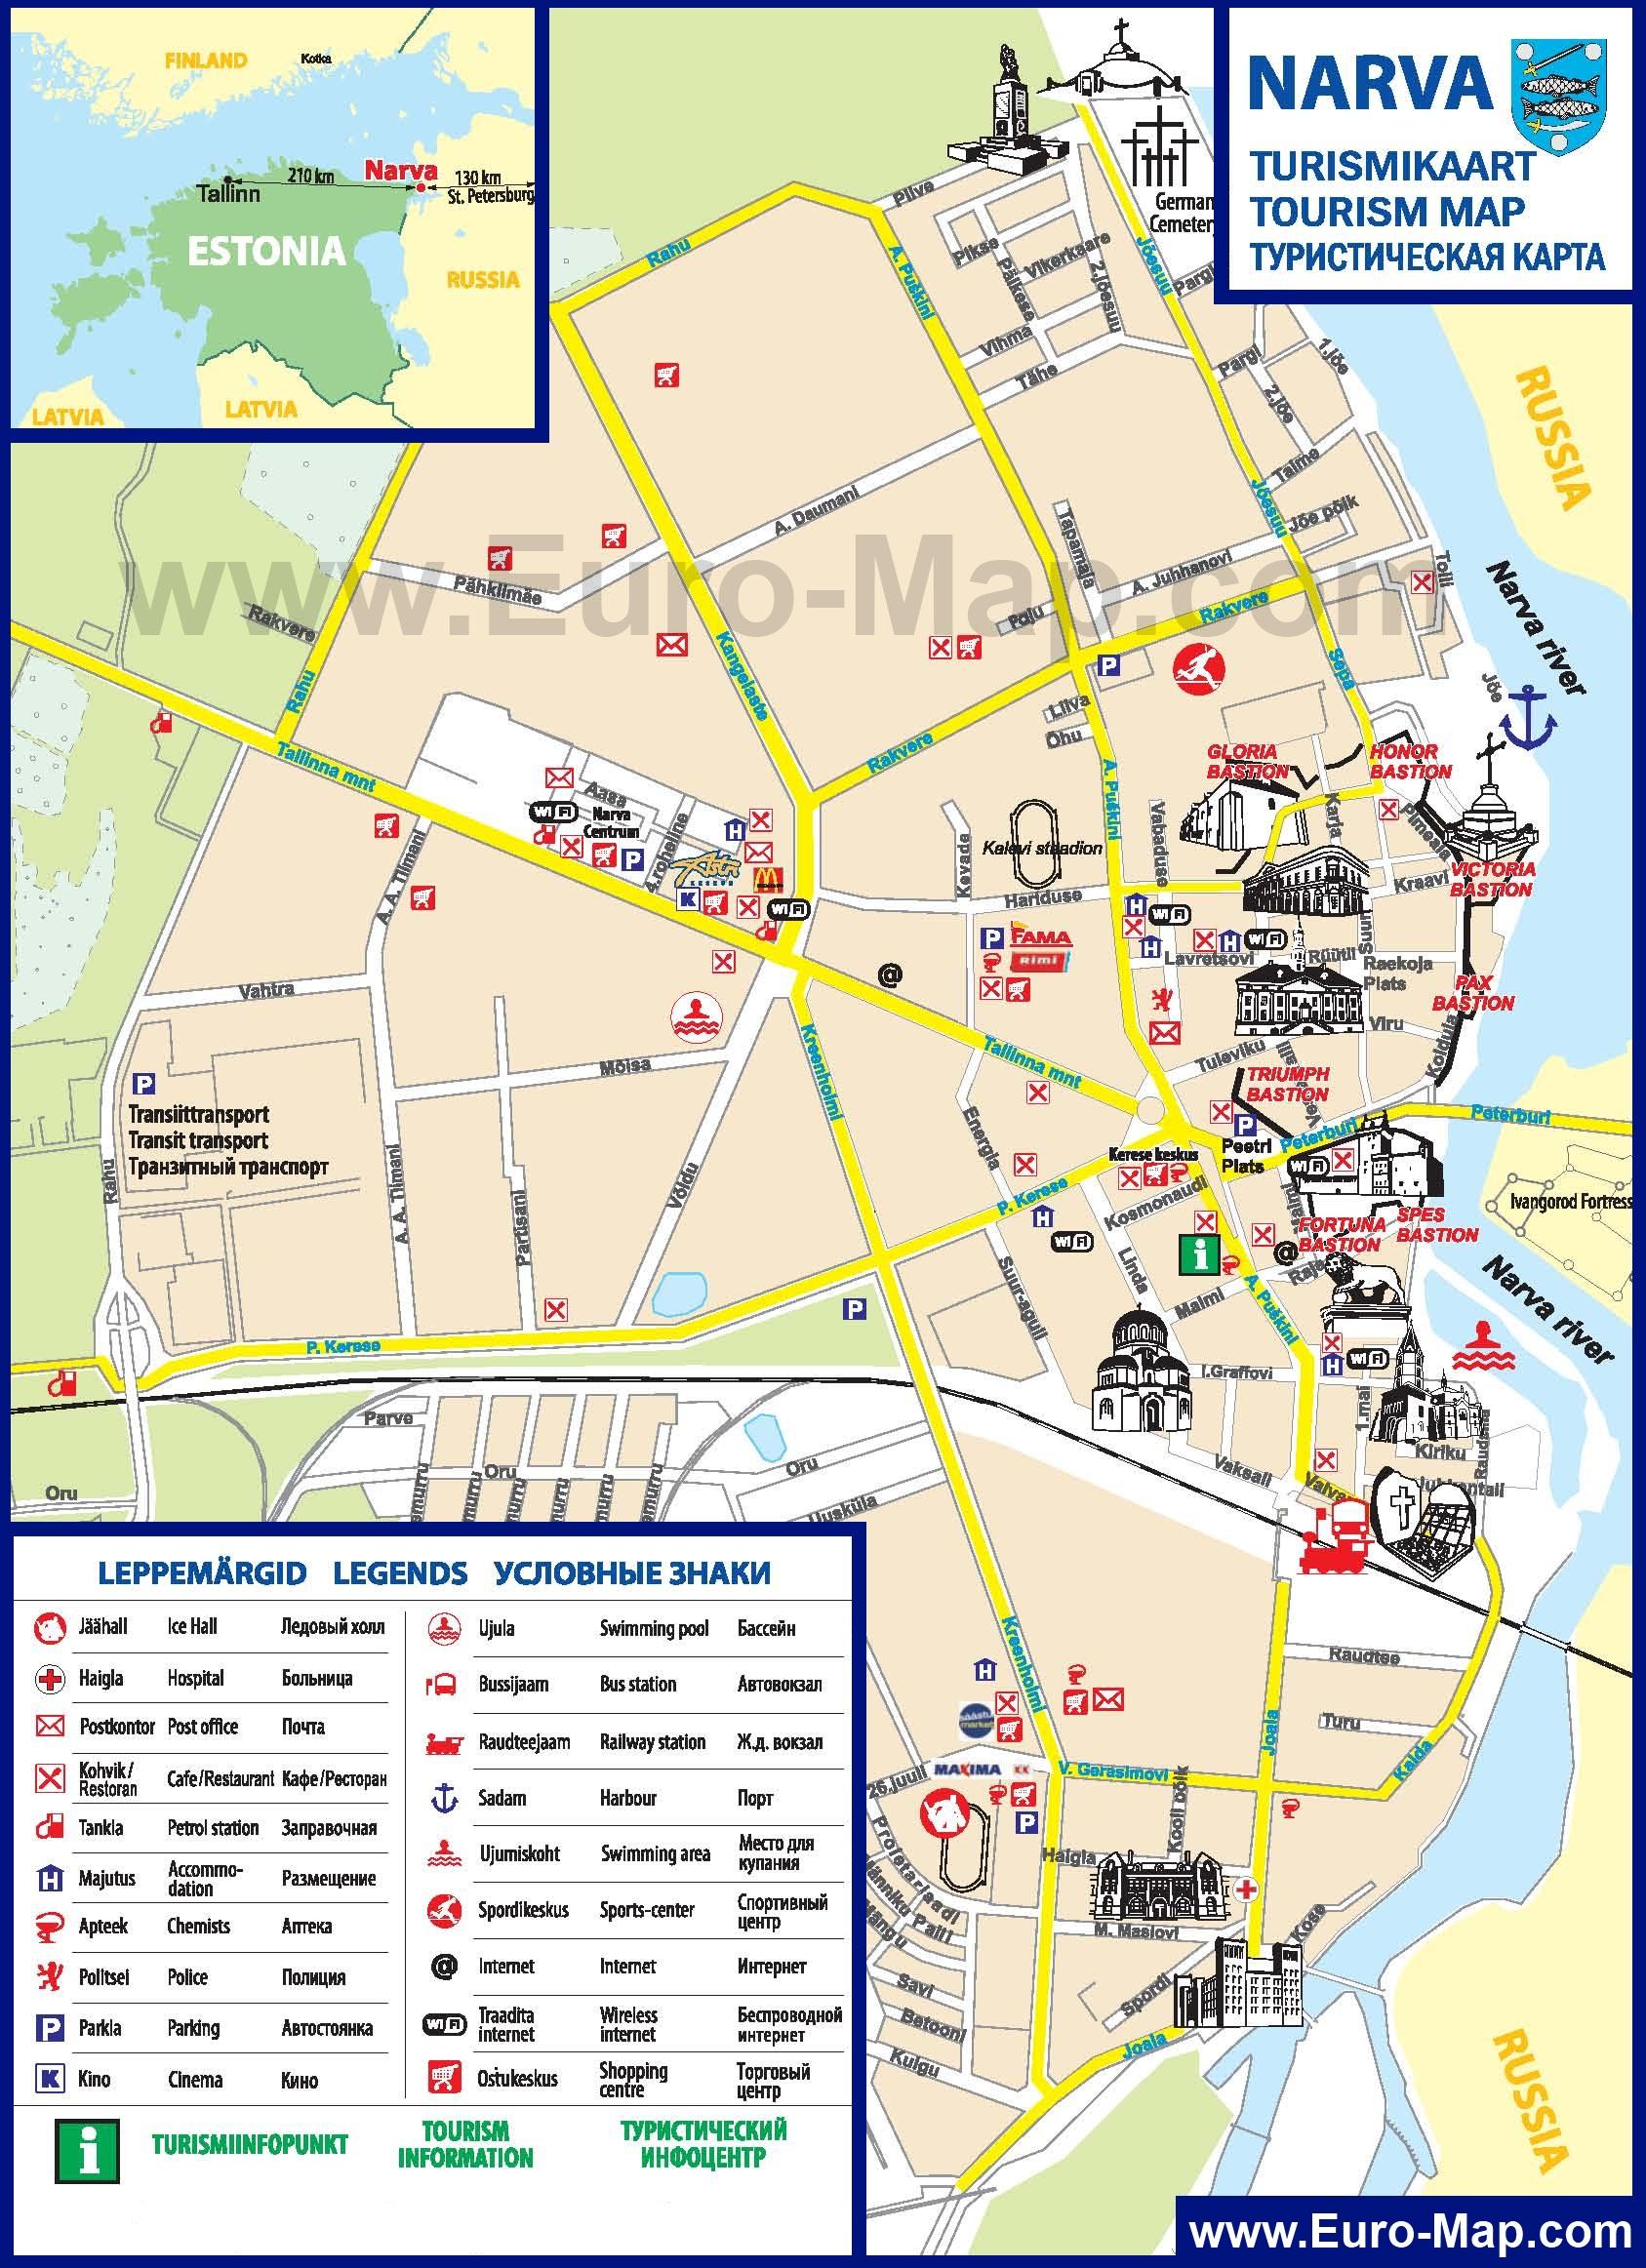 Туристическая карта города нарвы